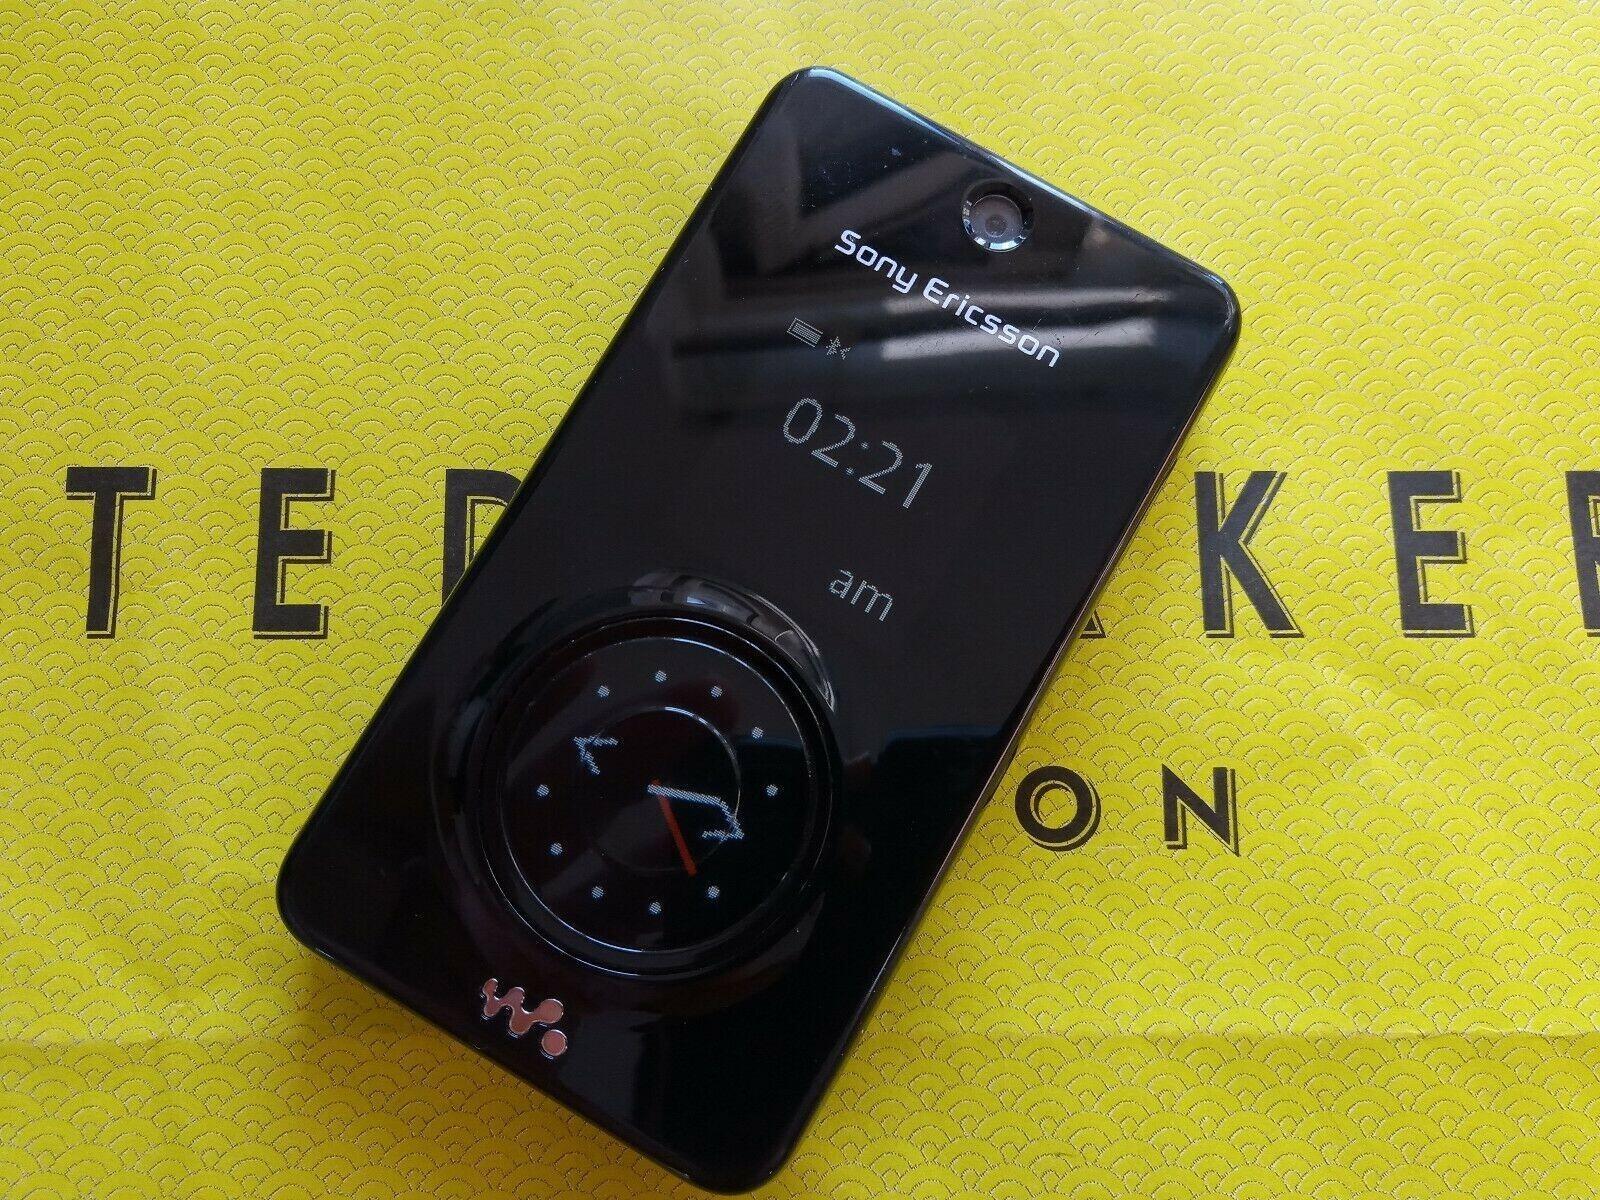 Прототип раскладушки Sony Ericsson W707 с тремя экранами выставили на продажу